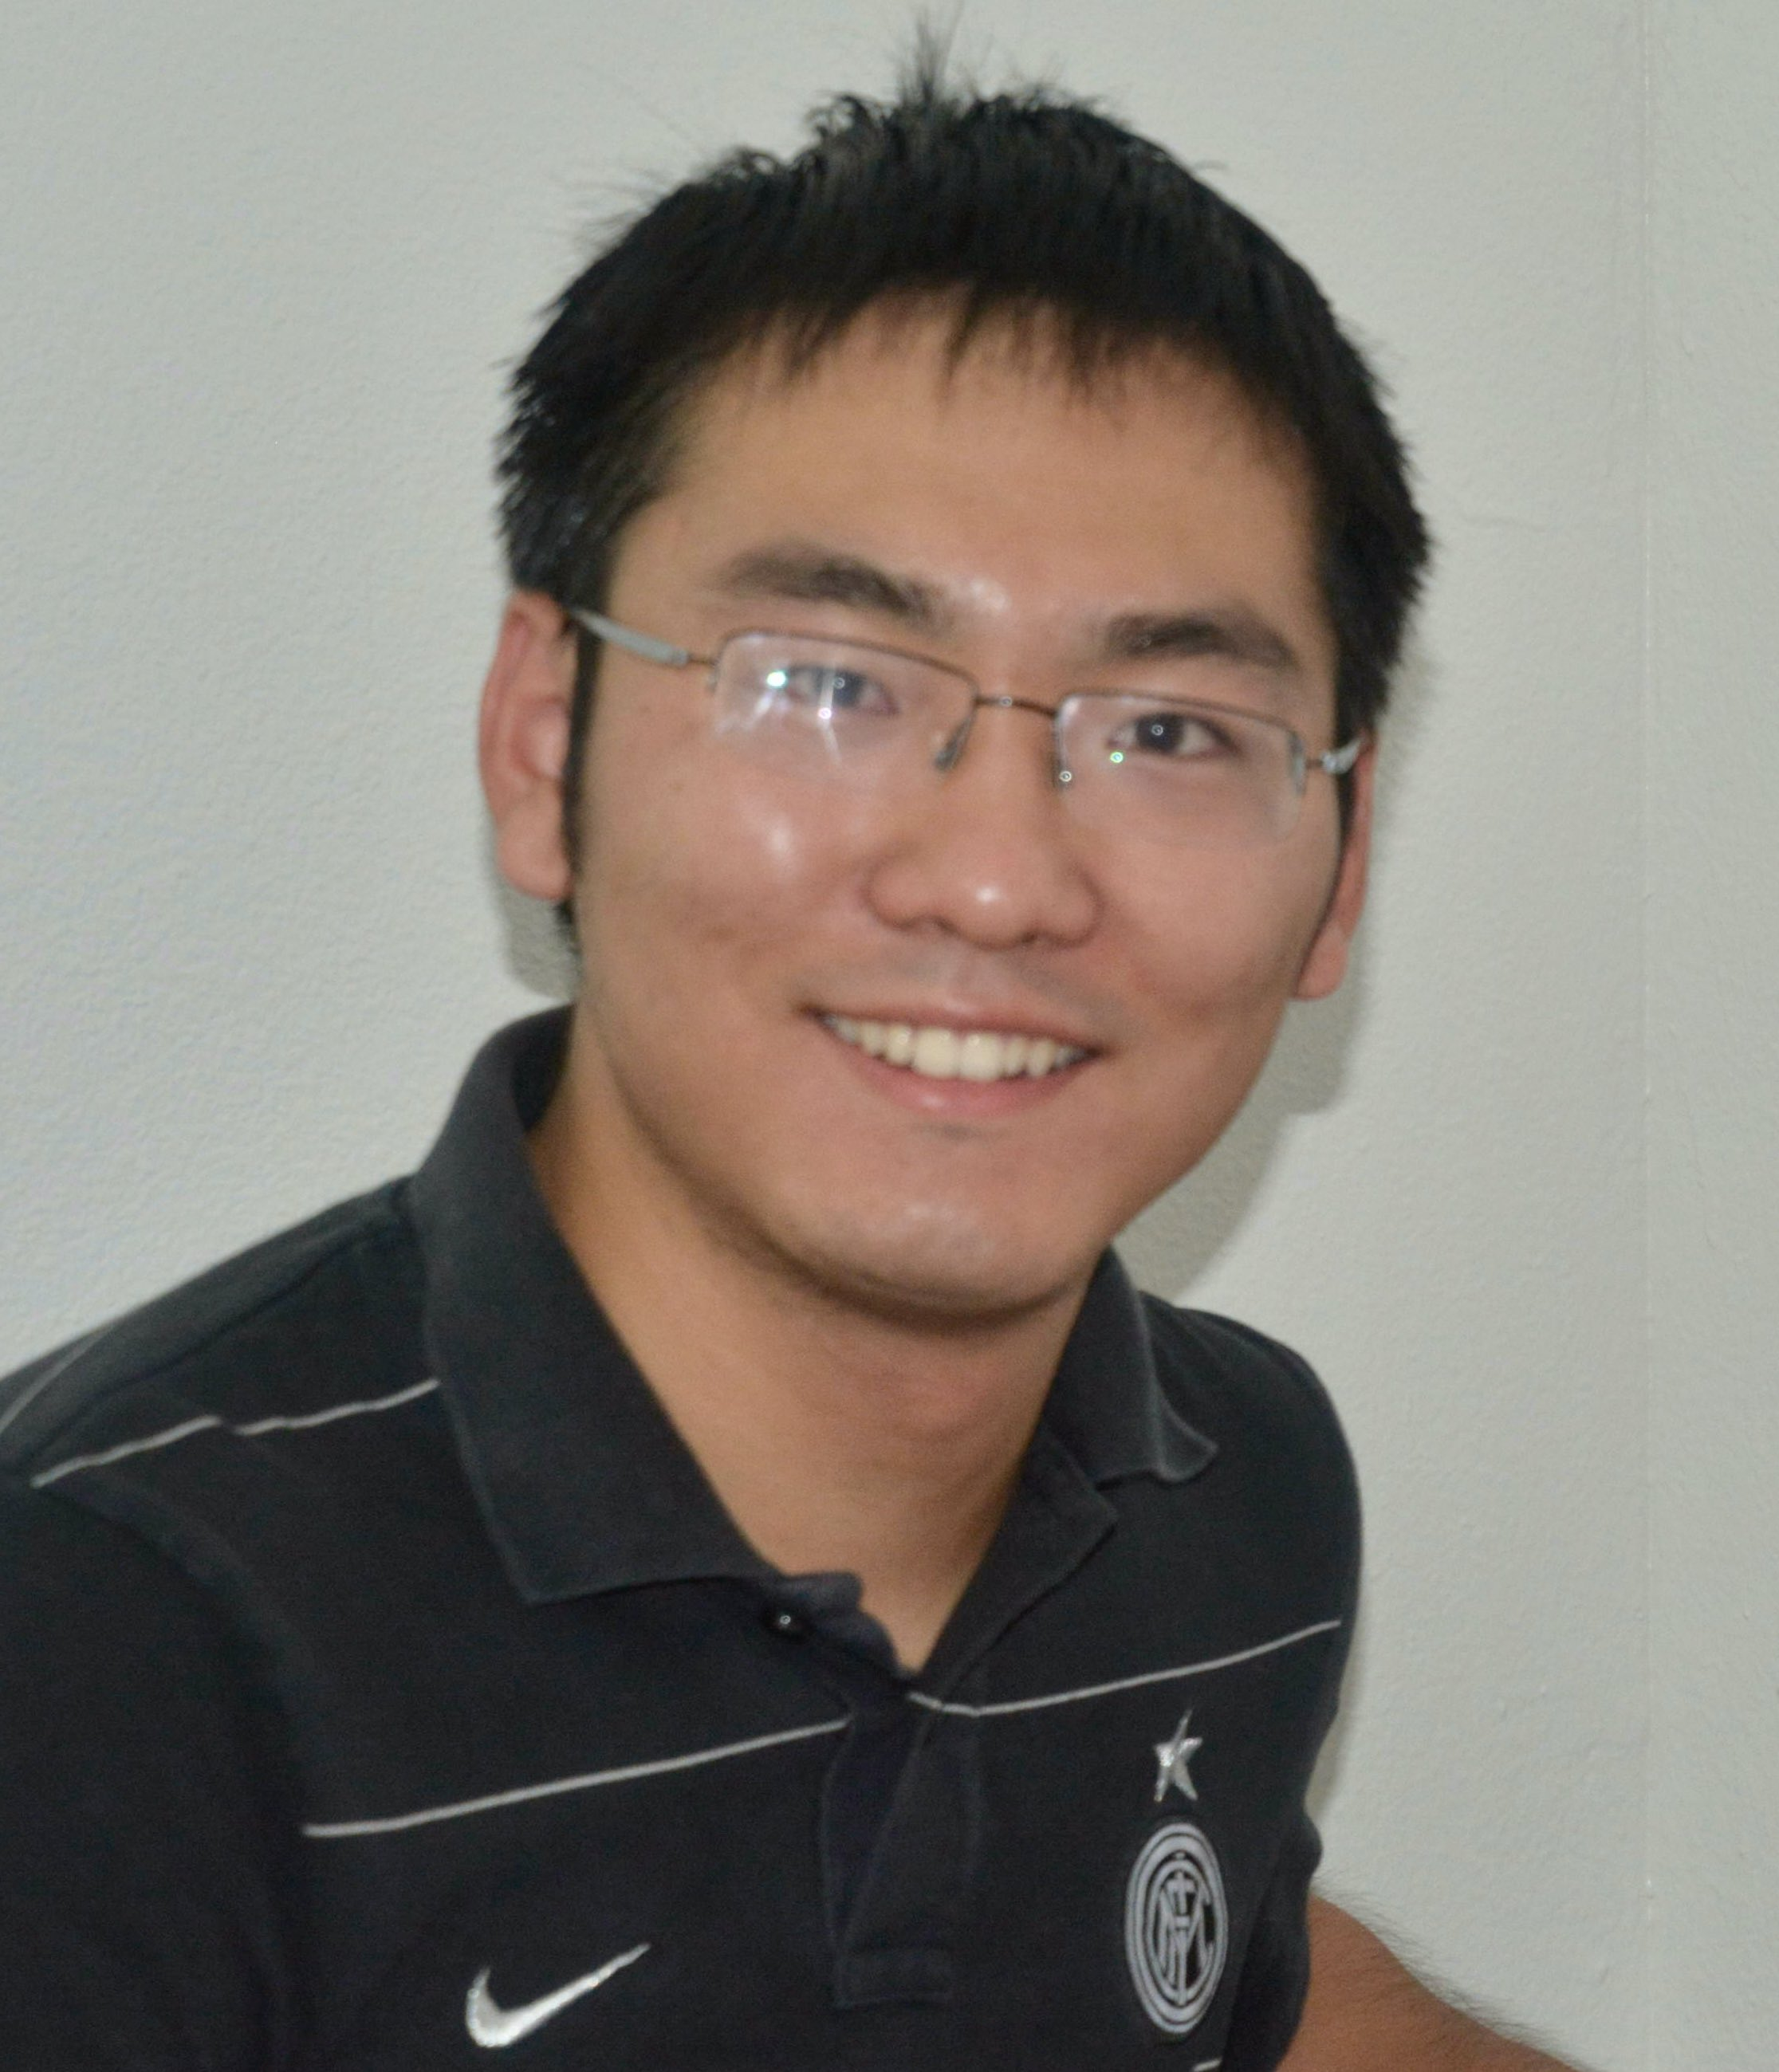 Yifan Zhou